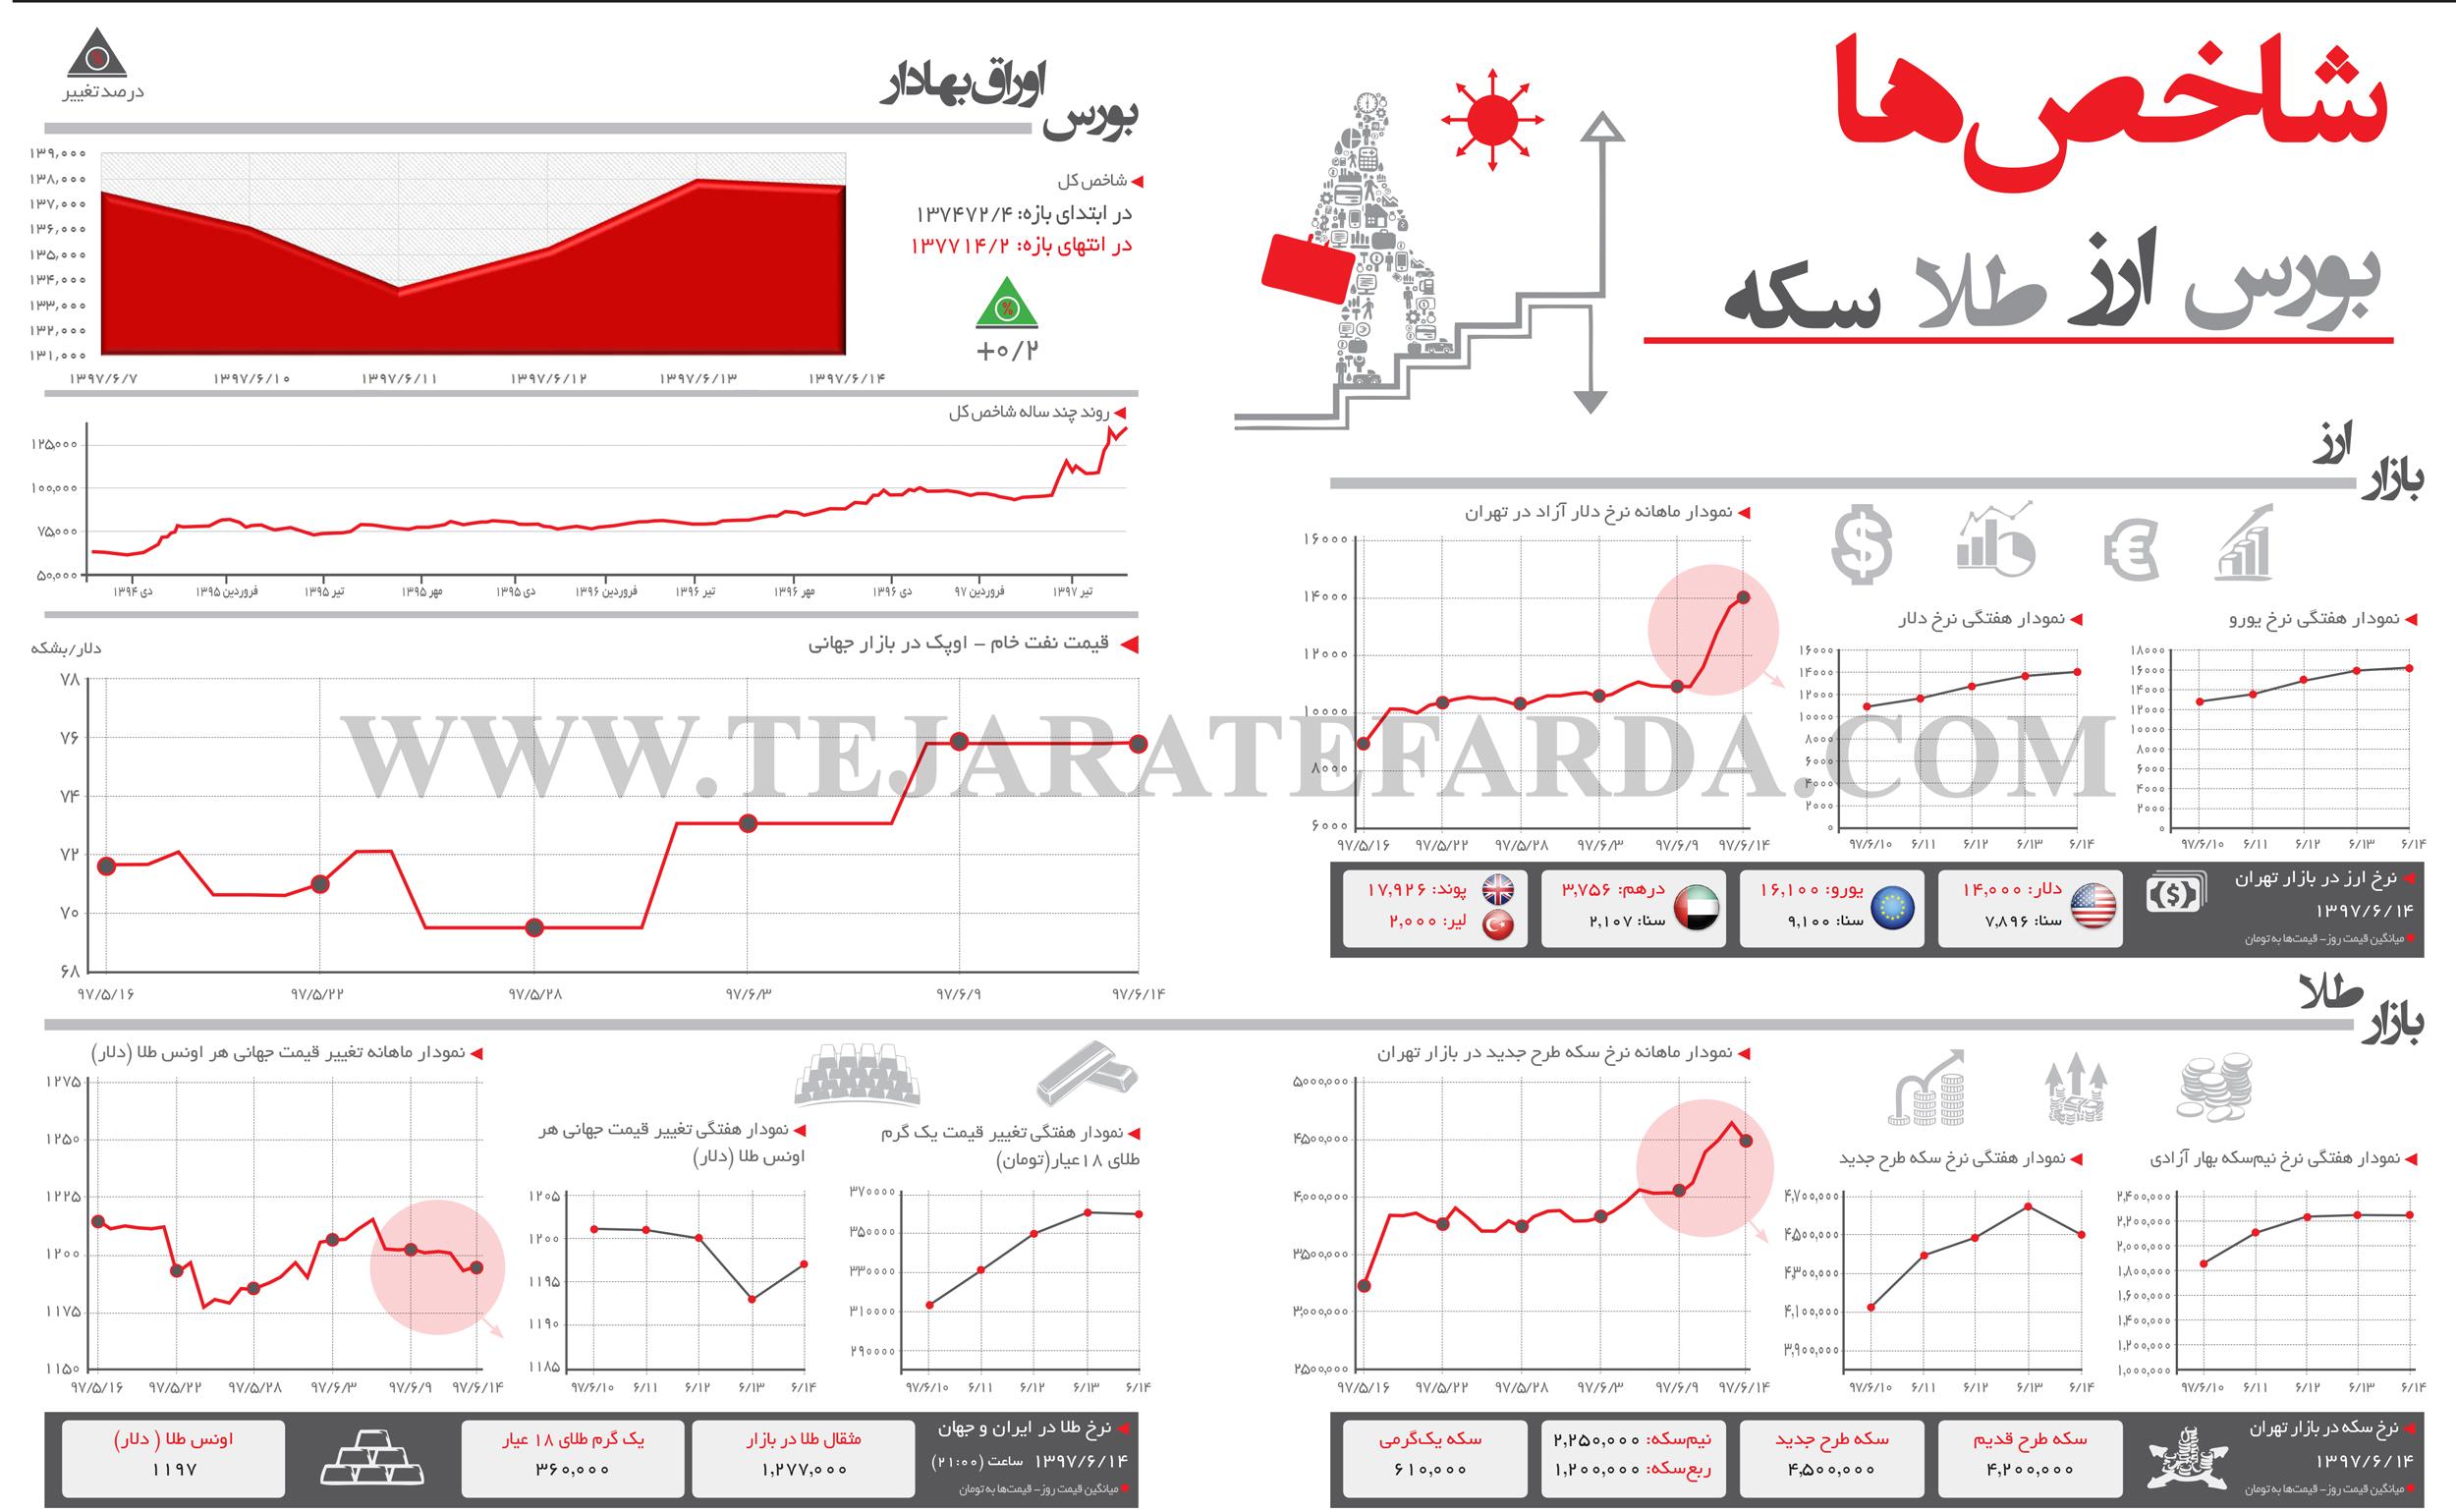 تجارت فردا- اینفوگرافیک- شاخصهای اقتصادی (284)